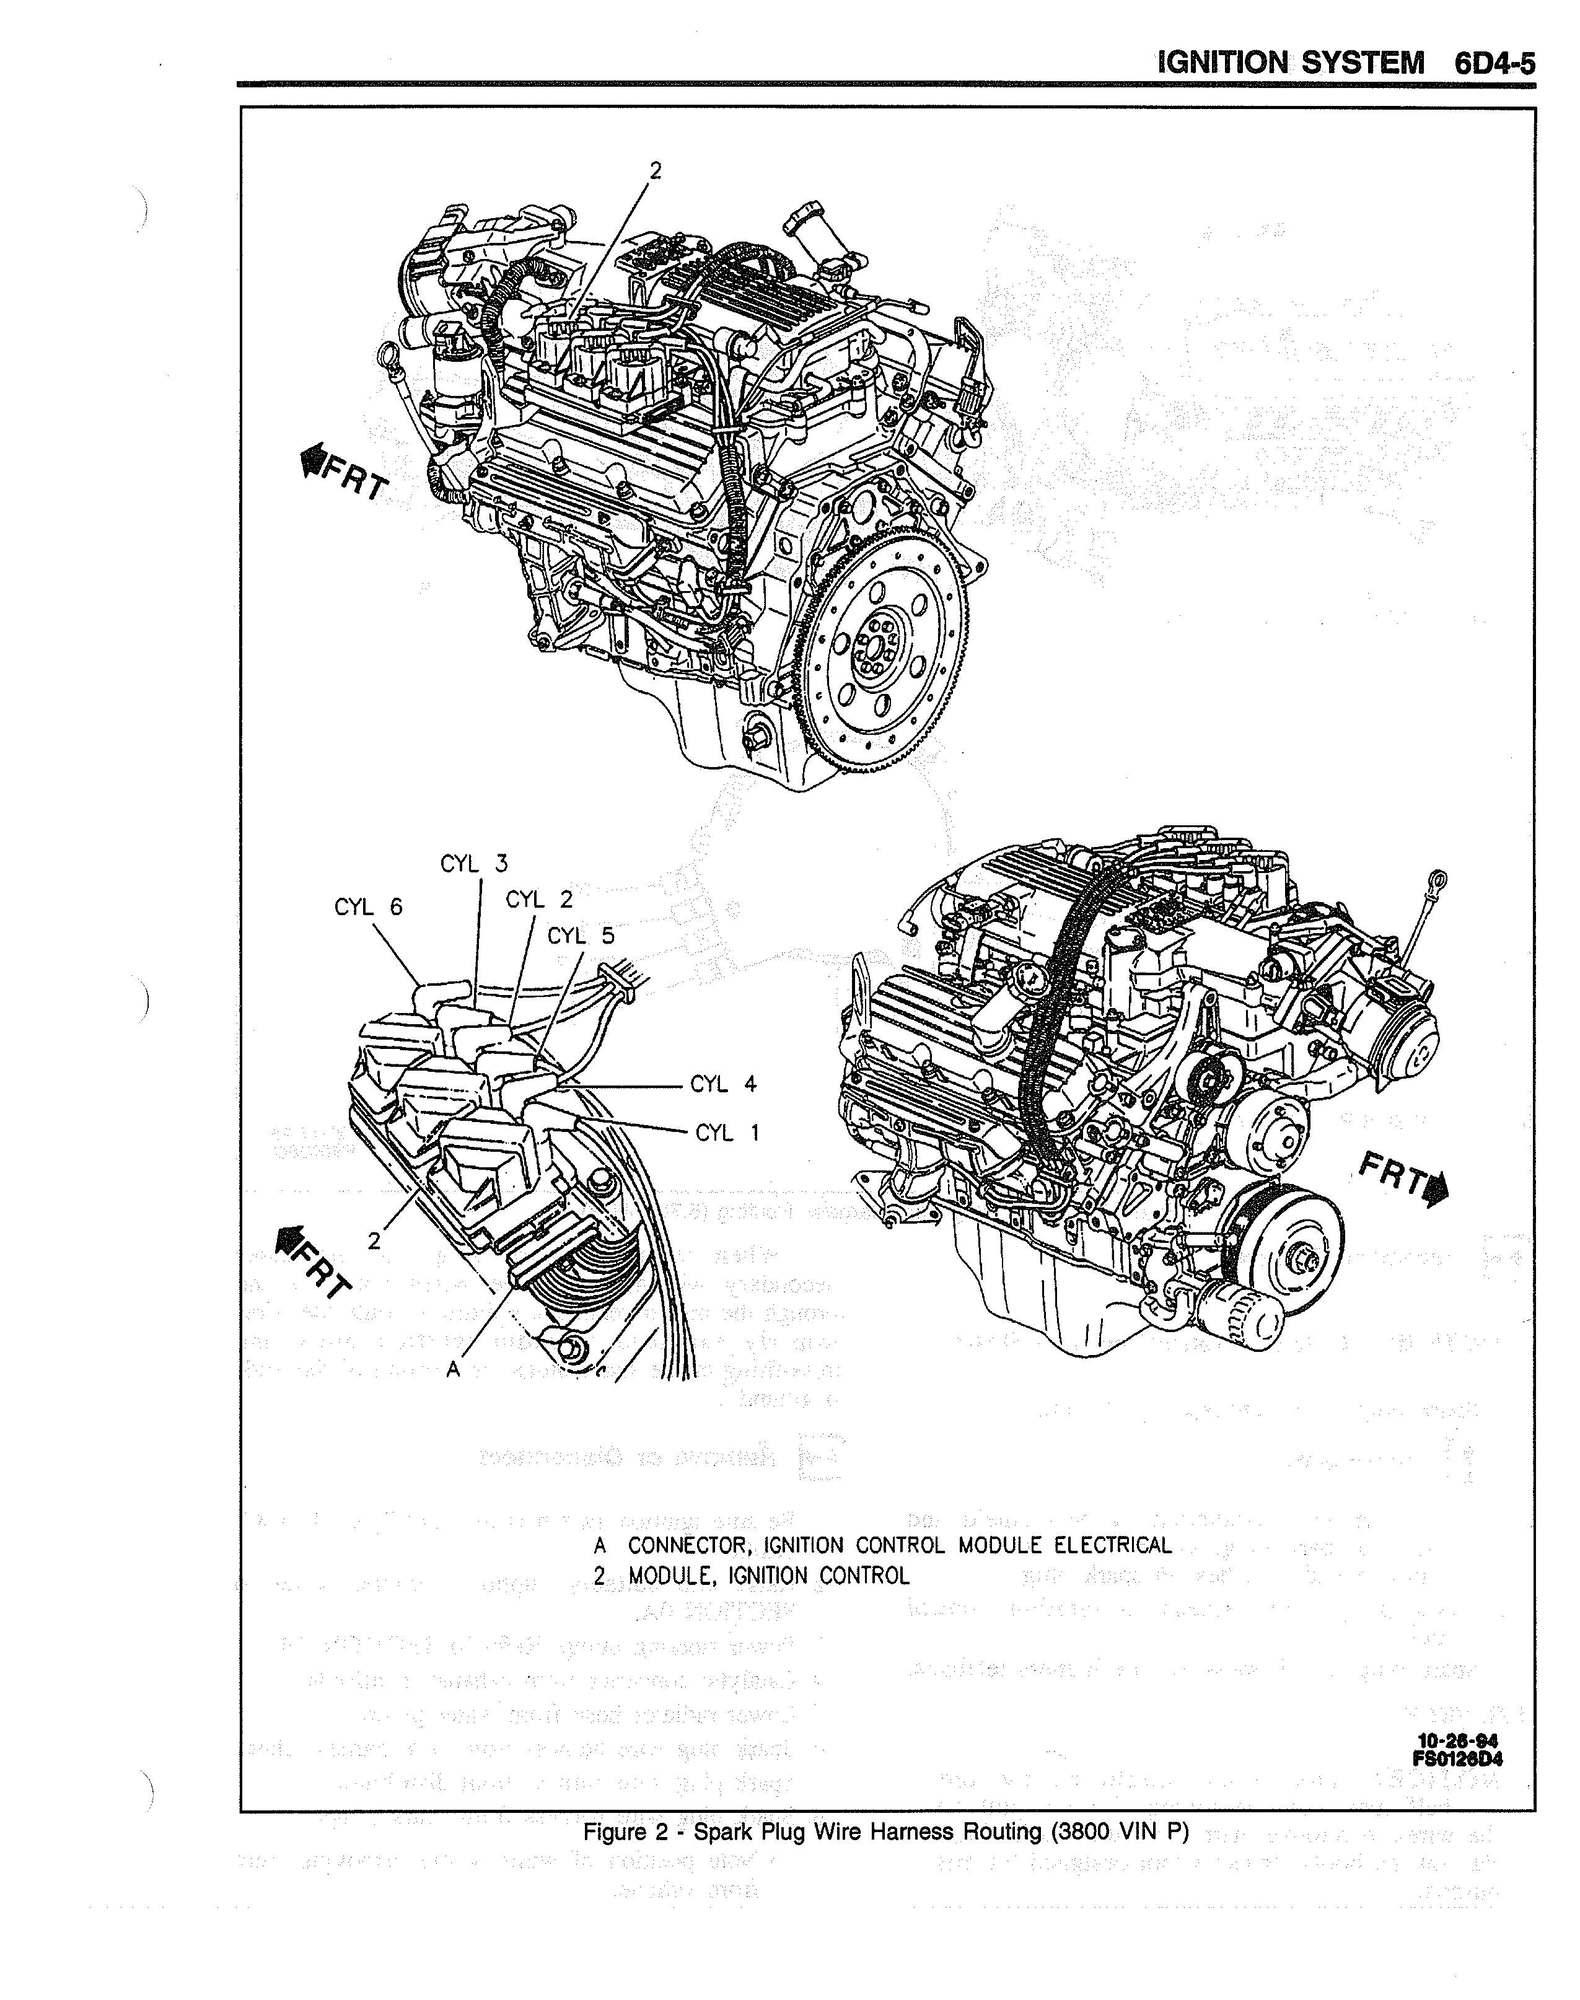 spark plug firing order - Camaro Forums - Chevy Camaro Enthusiast Forum   Spark Plug Wire Diagram 2002 Camaro      Camaro Forums